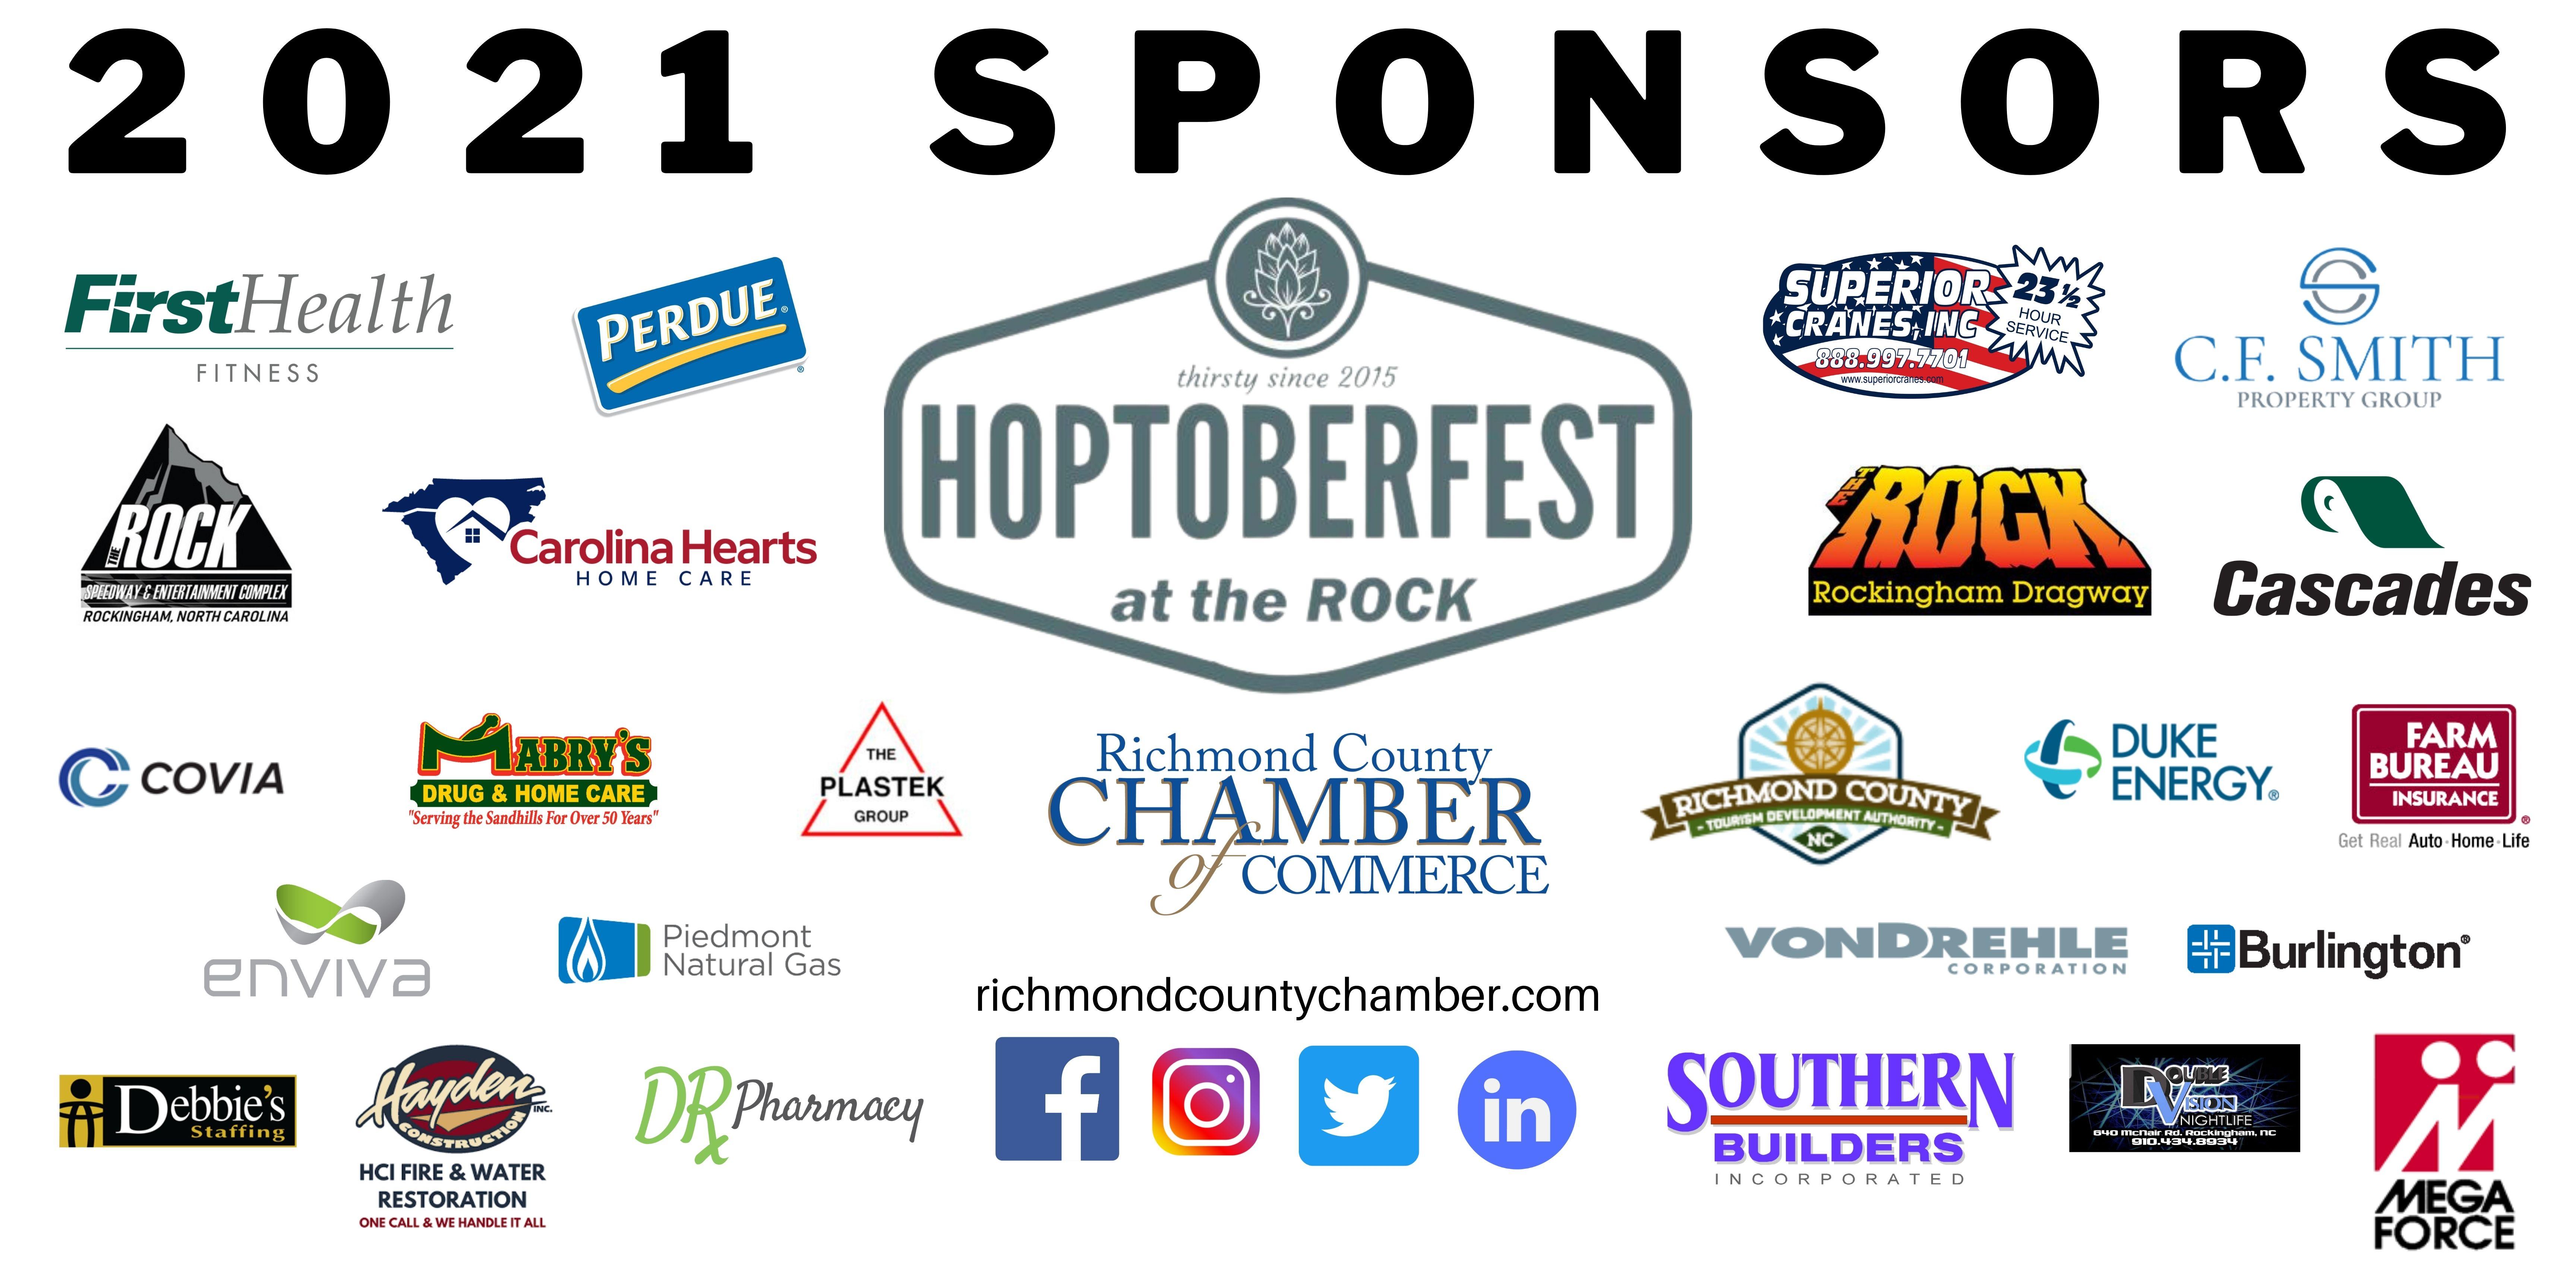 Hoptoberfest Sponsors